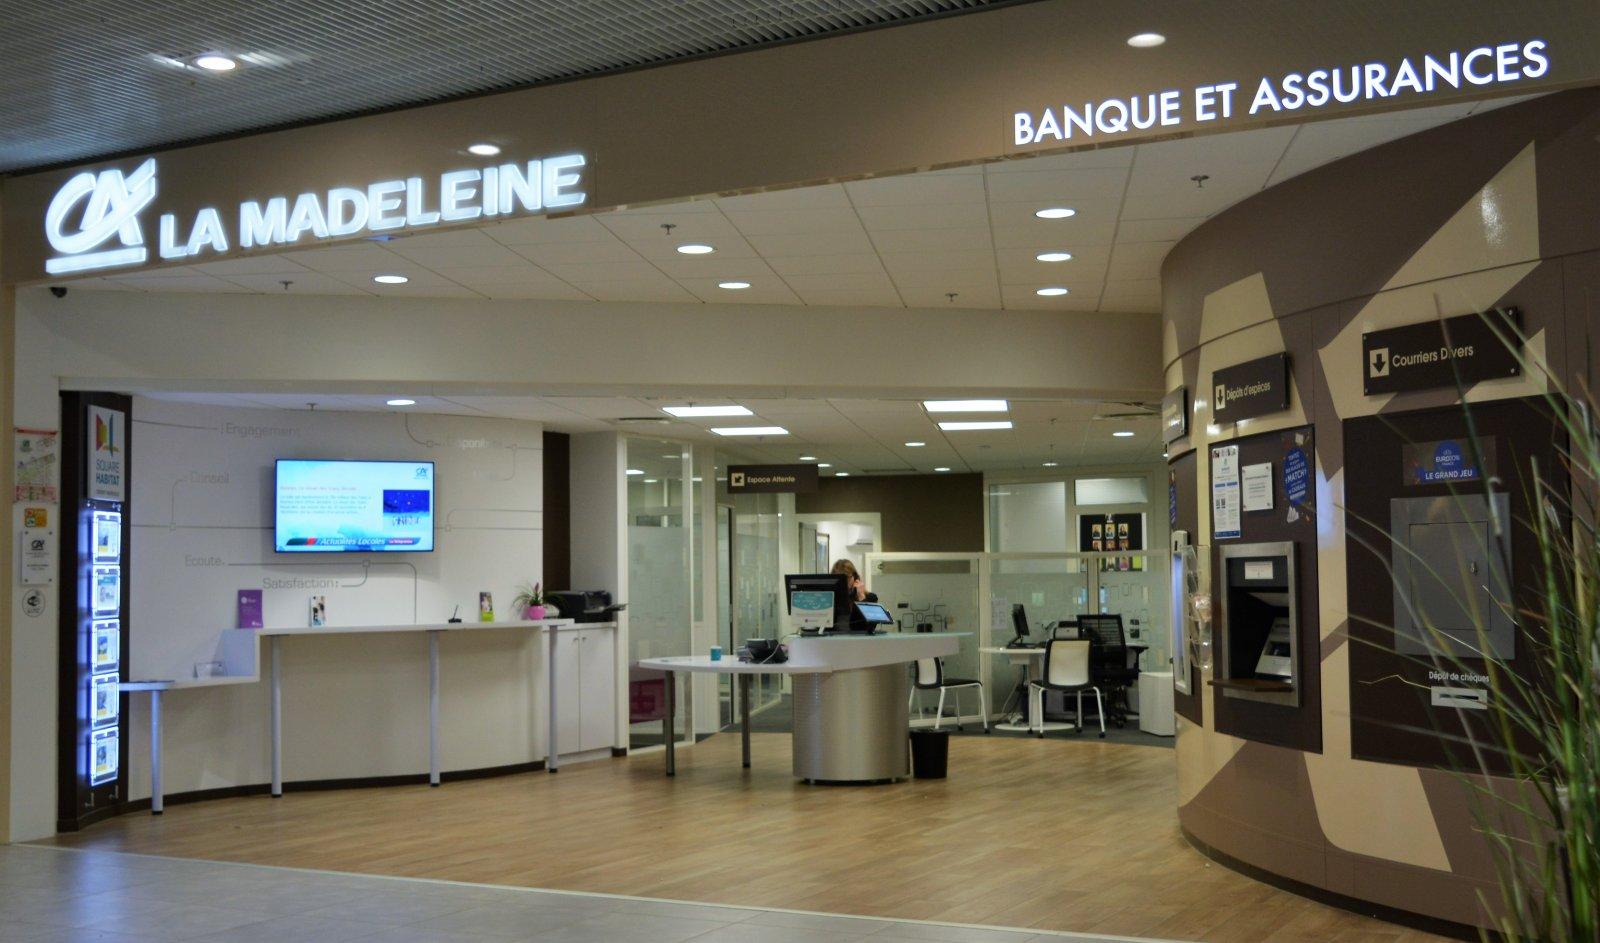 Borne De Recharge >> Credit agricole | Centre commercial La Madeleine